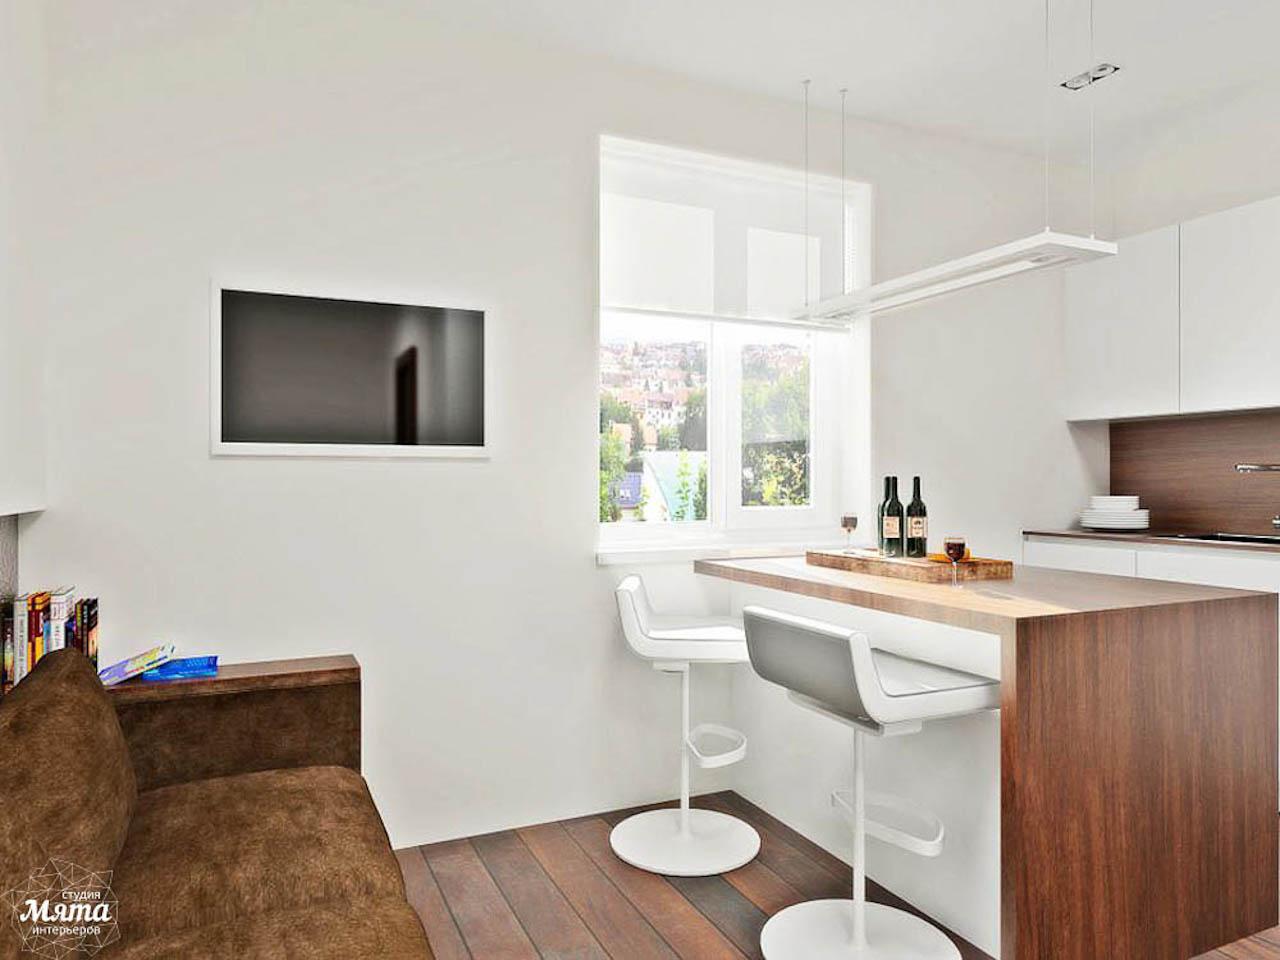 Дизайн интерьера однокомнатной квартиры в стиле хай тек по ул. Щербакова 35 img801963707